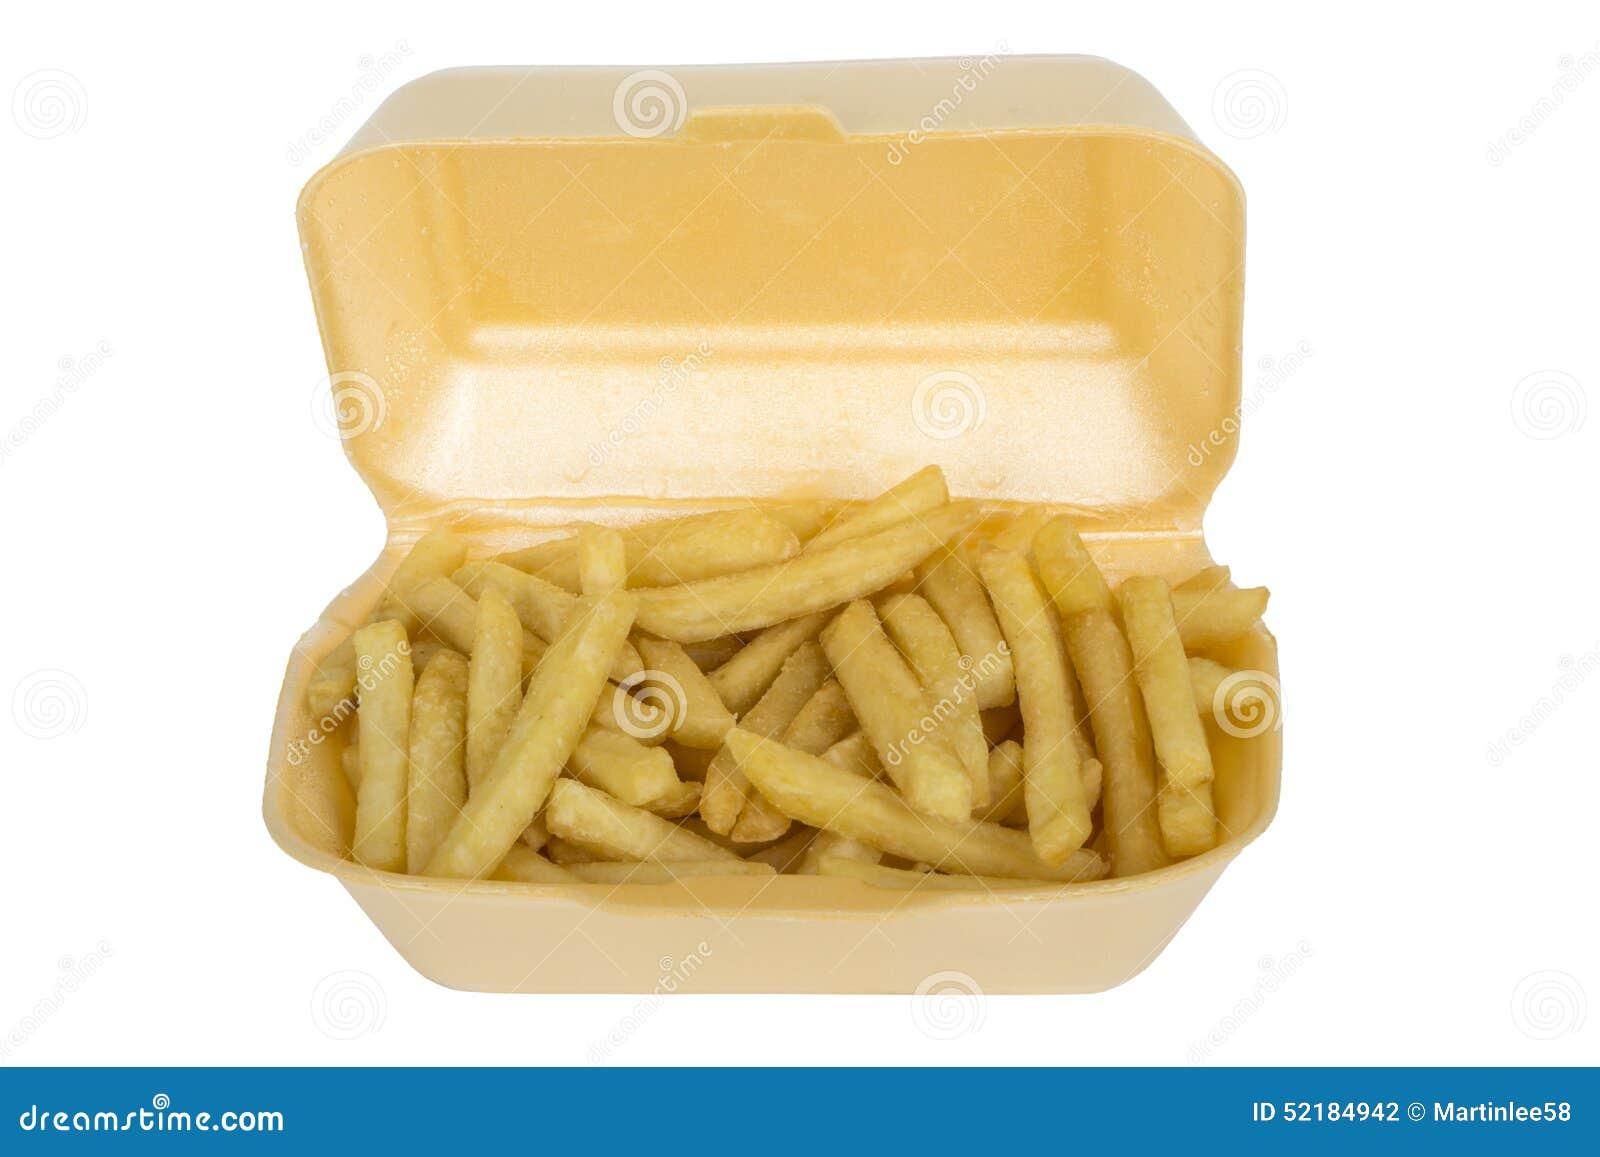 Chips Fries desempeñó servicios en cartón para llevar de la caja